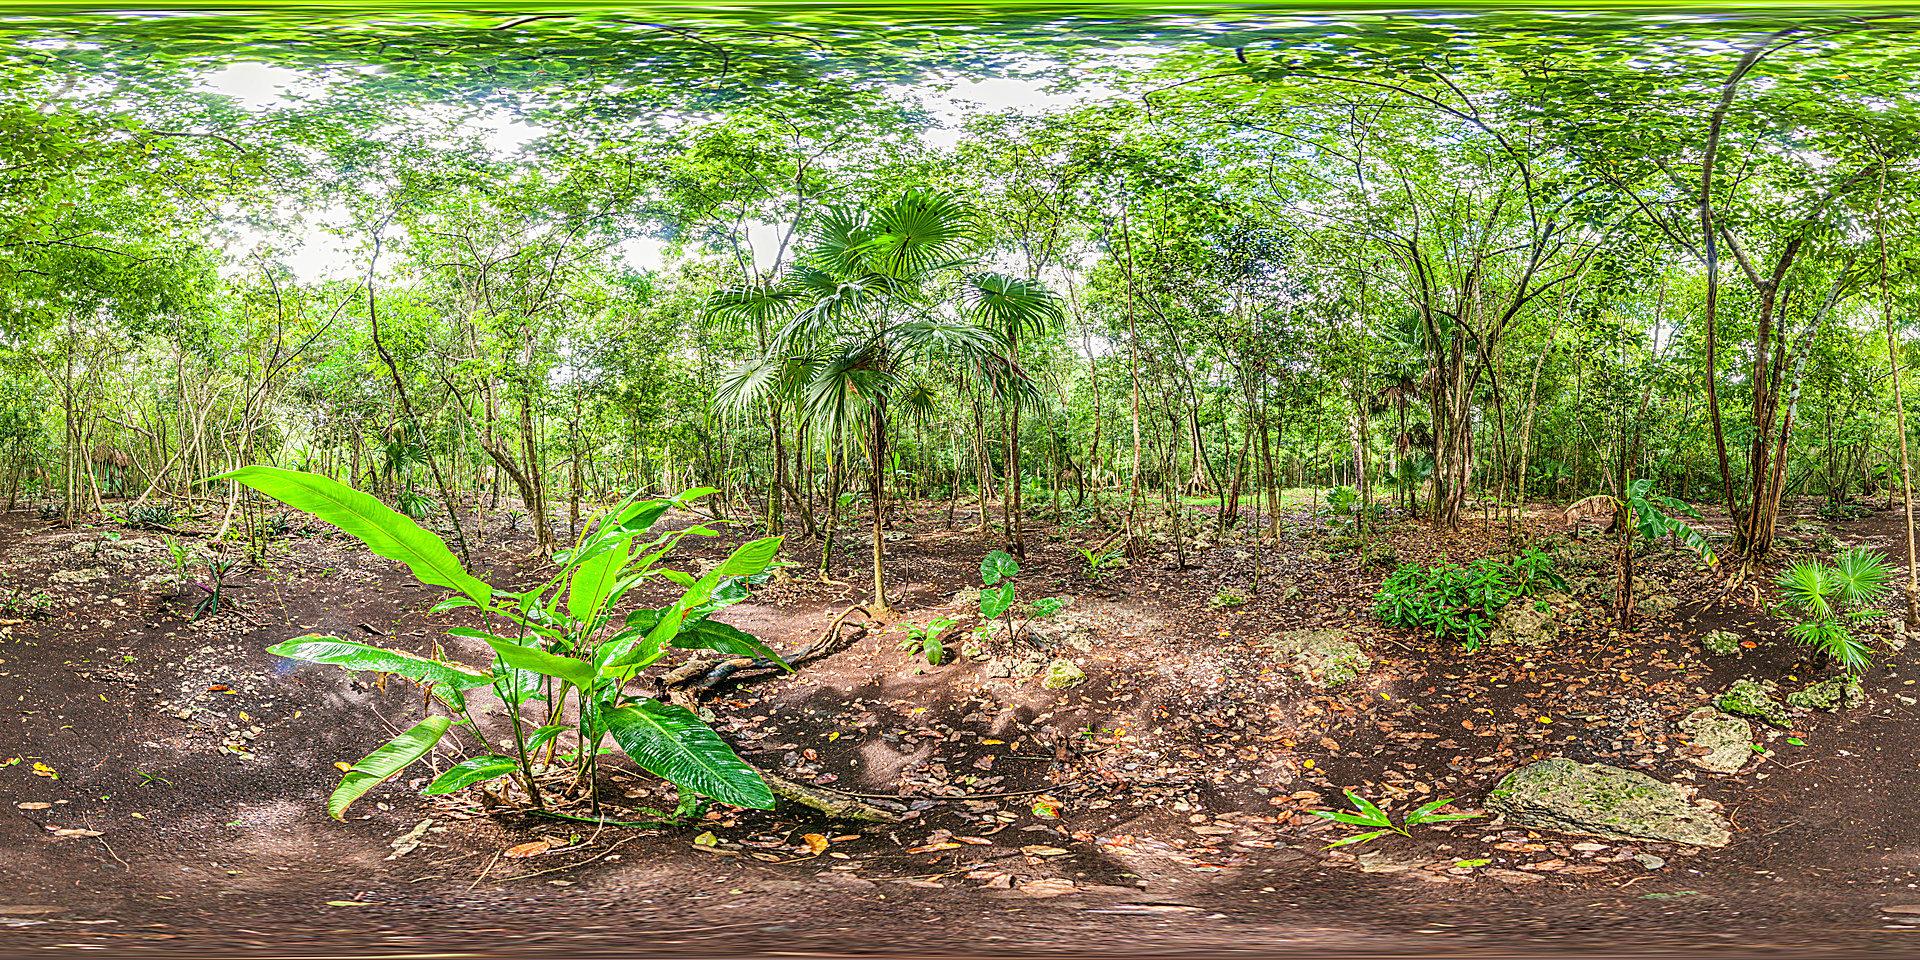 Cenote Chilam Balam